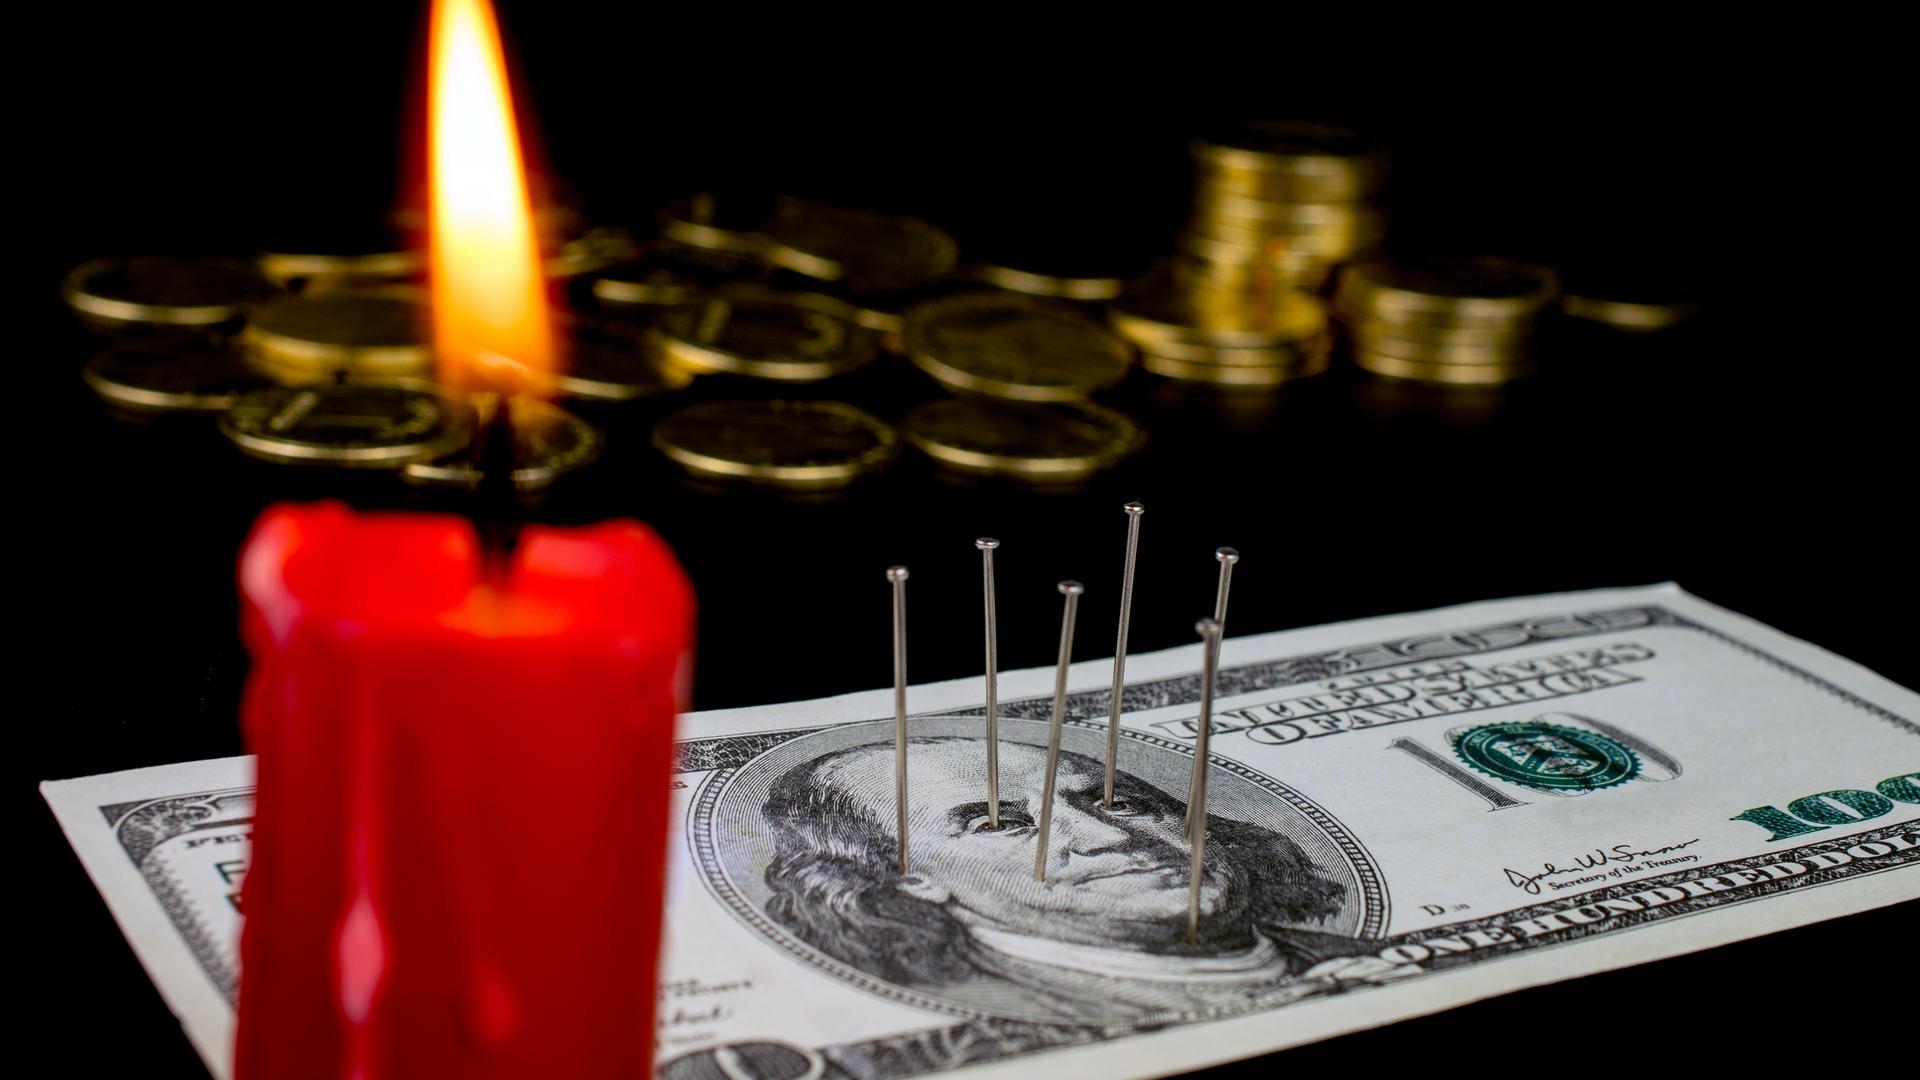 Notas de dólar num ritual macabro, com pregos espetados e velas acesas